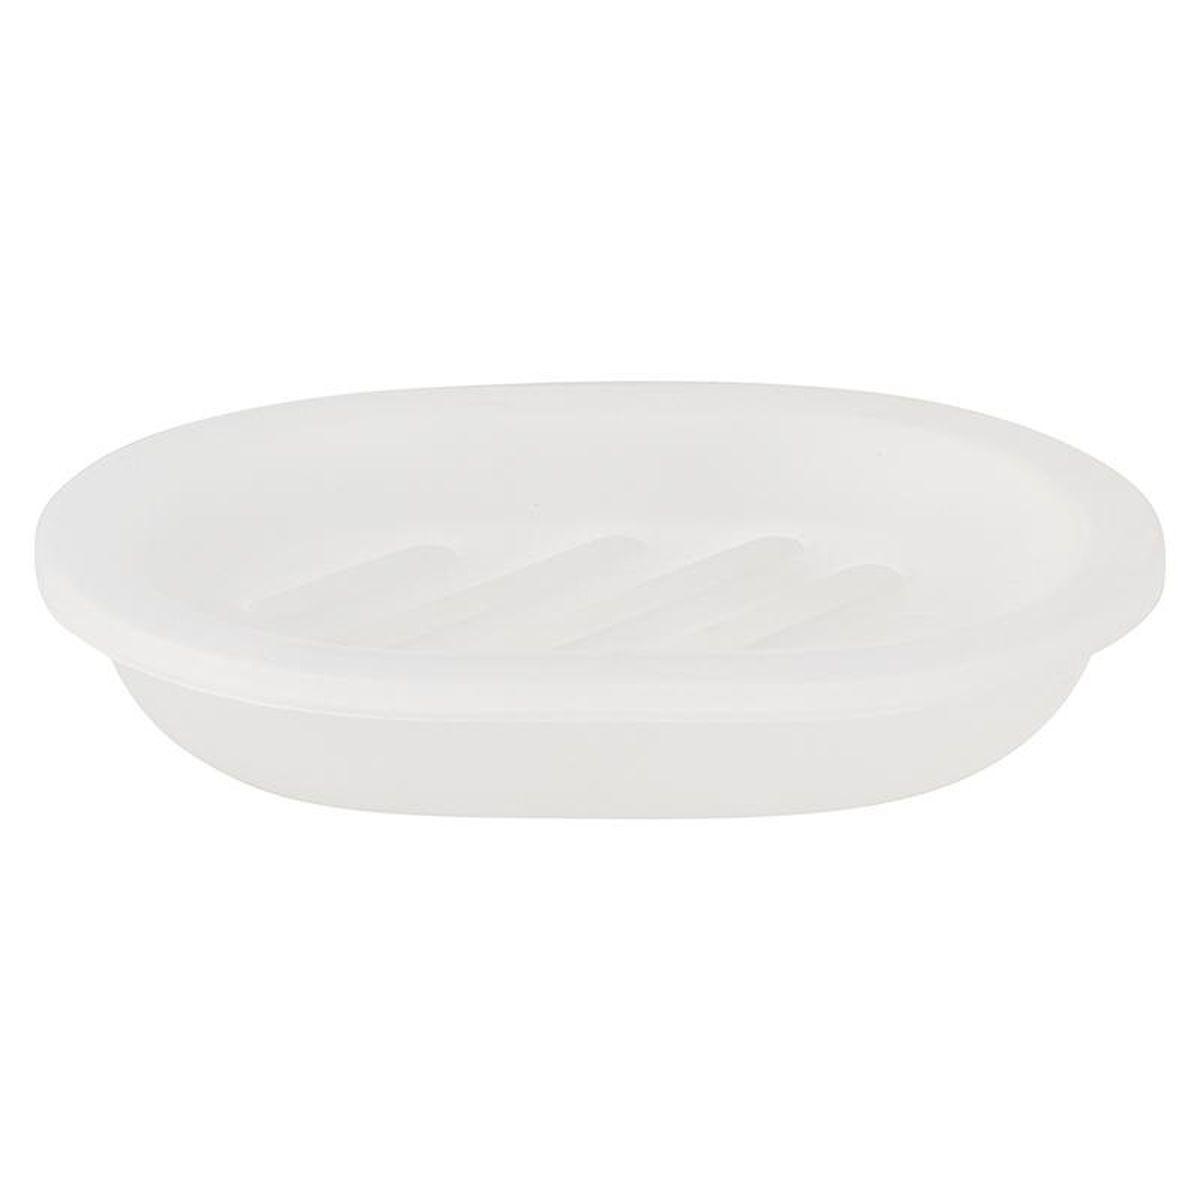 Мыльница Vanstore Summer White, 12 х 8 х 3 см377-04Оригинальная мыльница Vanstore Summer White, изготовленная из пластика, отлично подойдет для вашей ванной комнаты. Изделие отлично сочетается с другими аксессуарами из коллекции Summer White.Такая мыльница создаст особую атмосферу уюта и максимального комфорта в ванной.